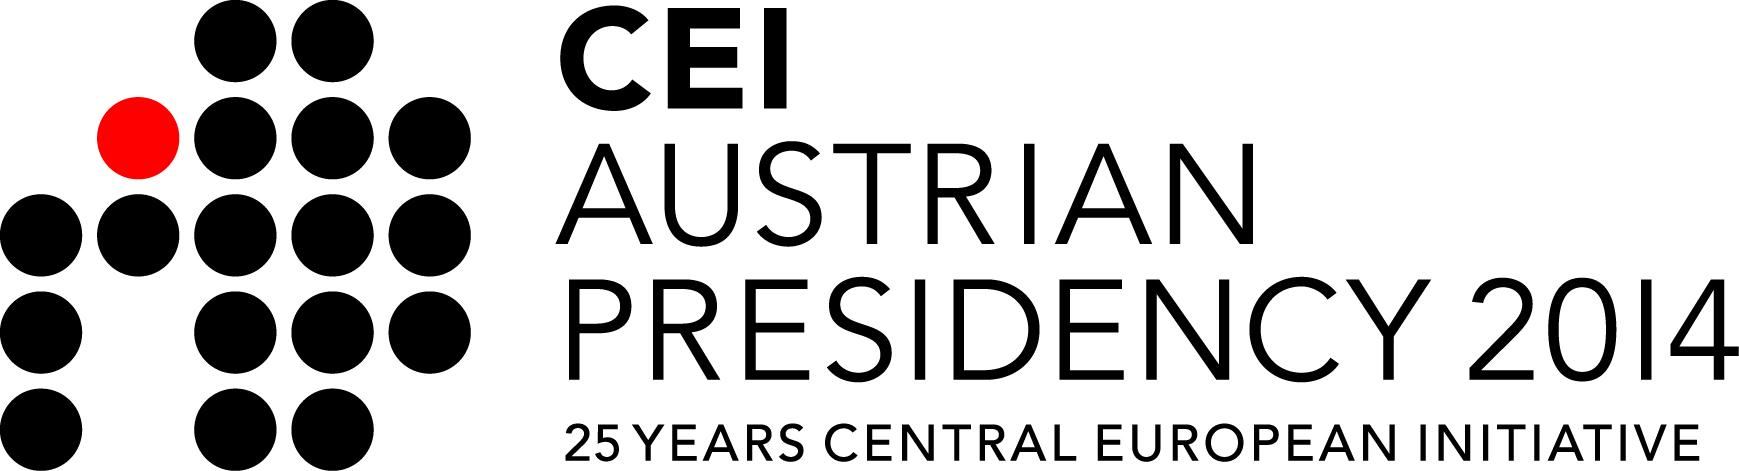 CEI Presidency Logo final